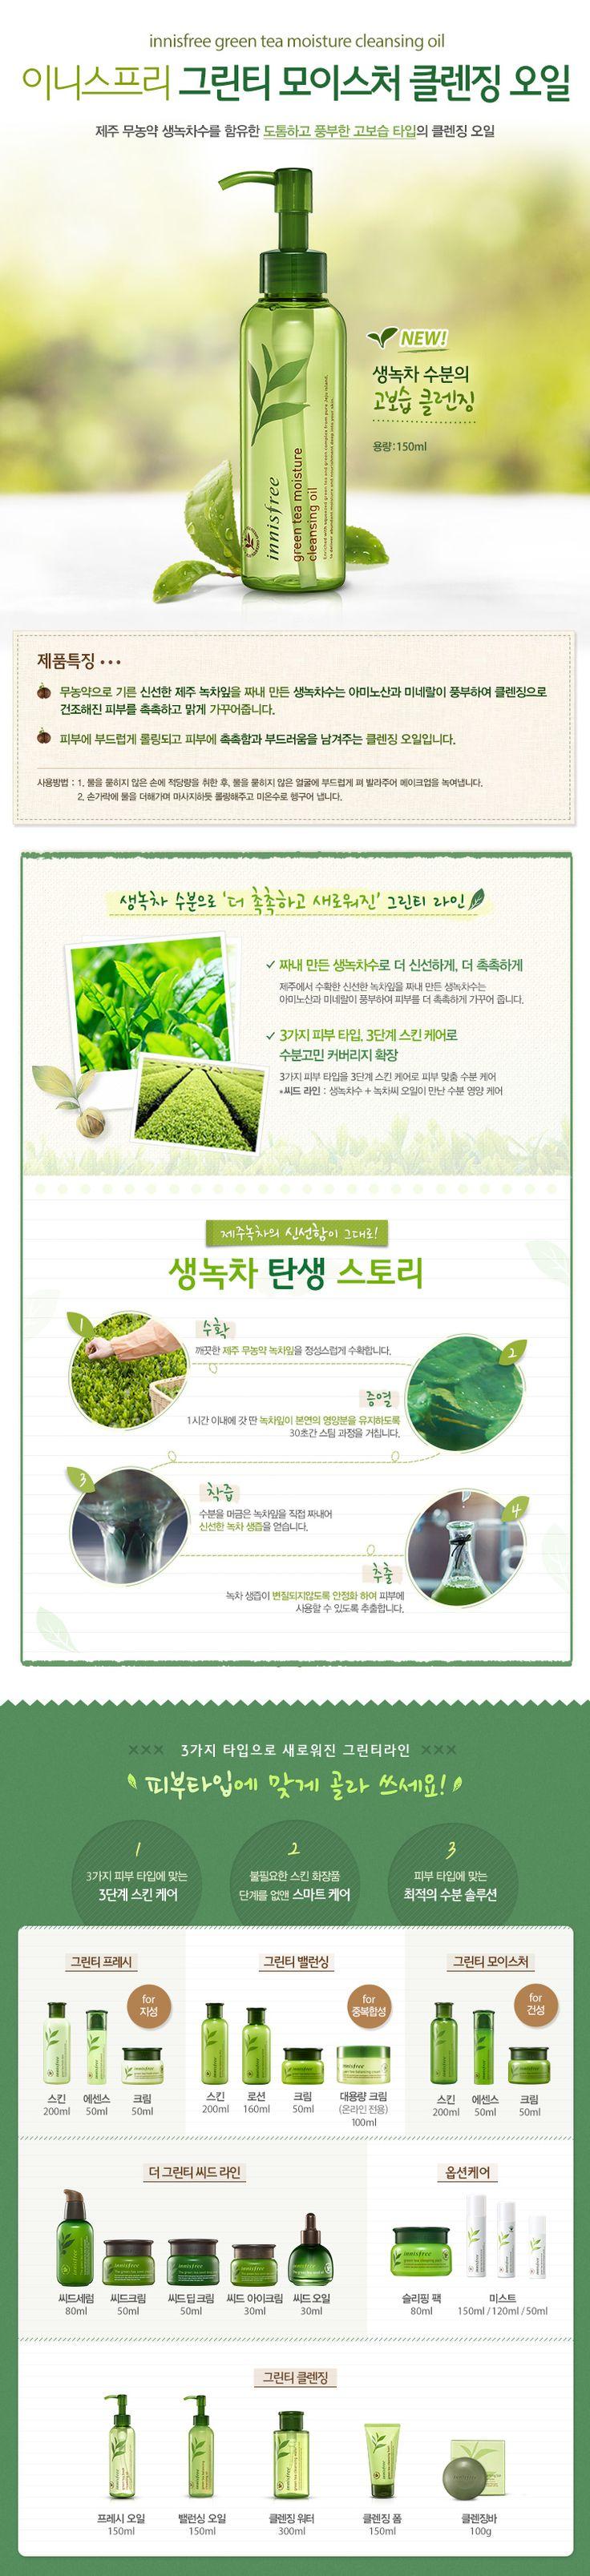 쇼핑하기 > 그린티 > 클렌징 오일/크림 | Natural benefit from Jeju, innisfree